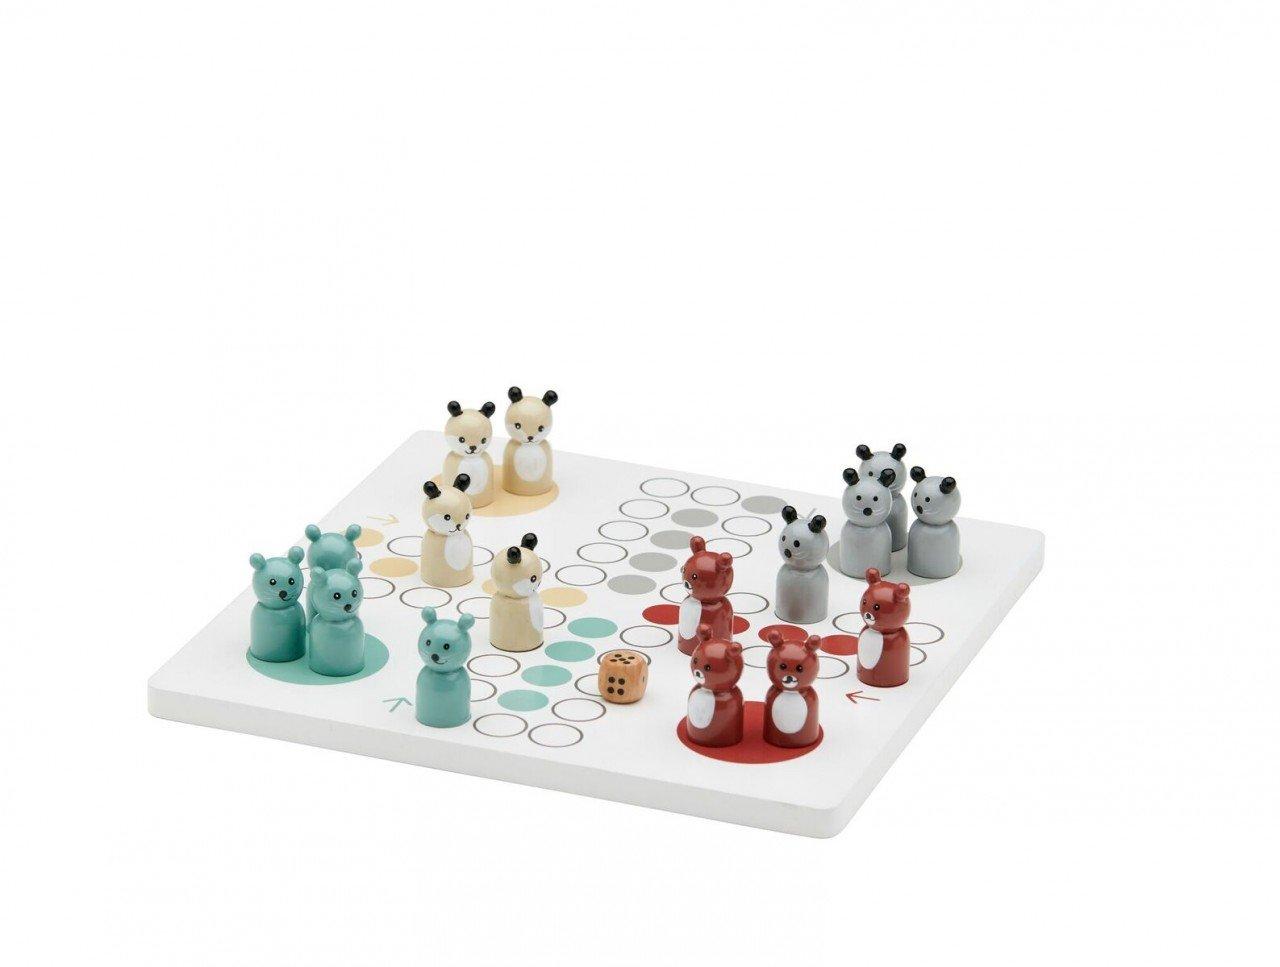 Kids Concept- Juegos De Acción Y Reflejos, (1000076): Amazon.es: Juguetes y juegos